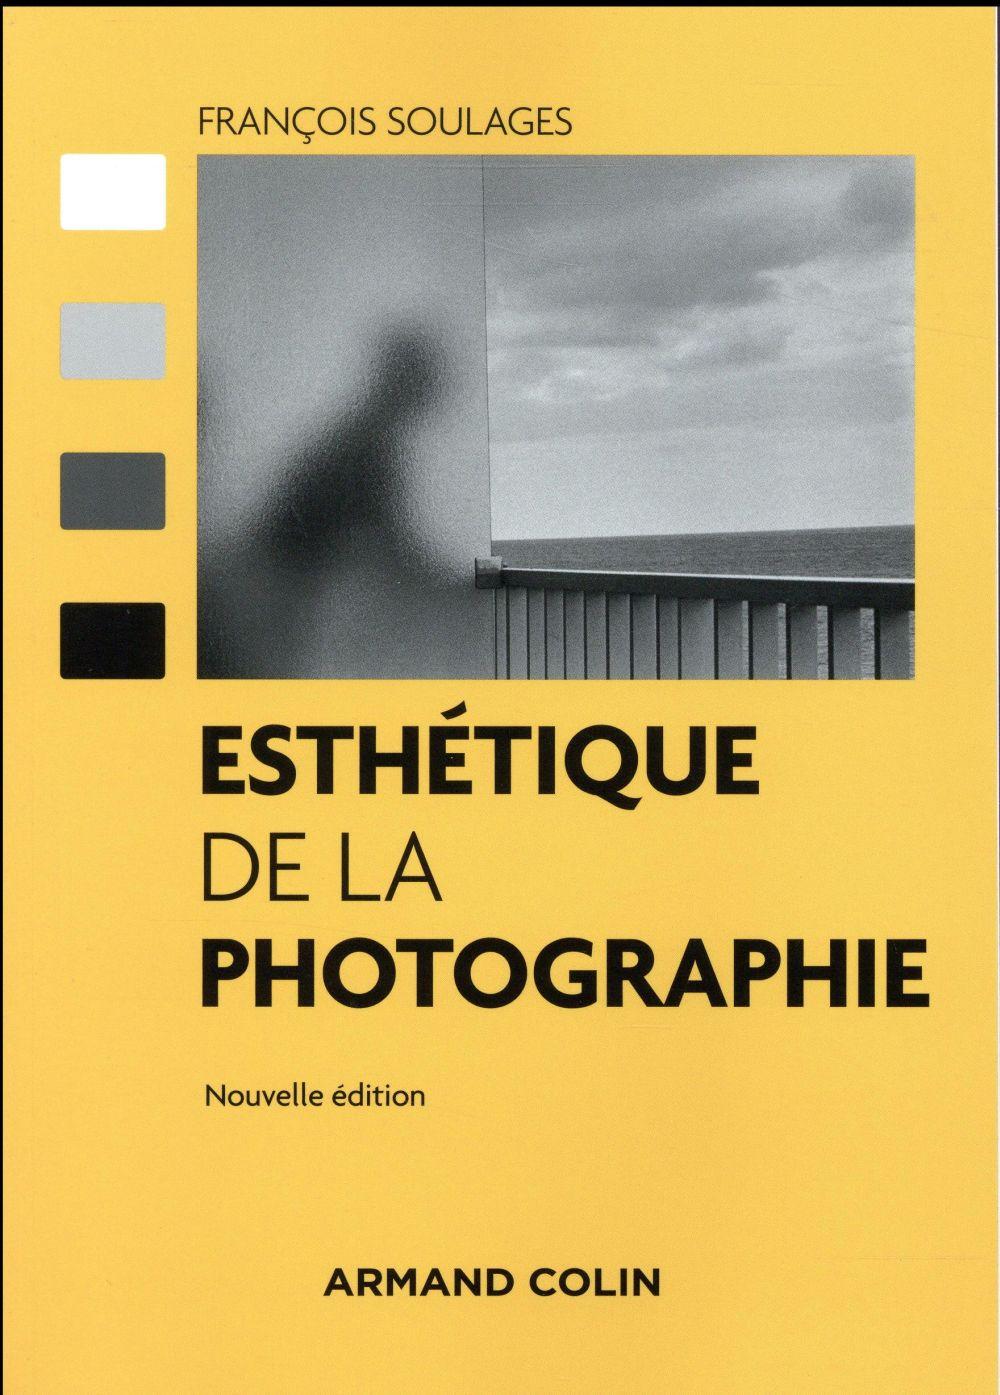 Esthétique de la photographie (2e édition)